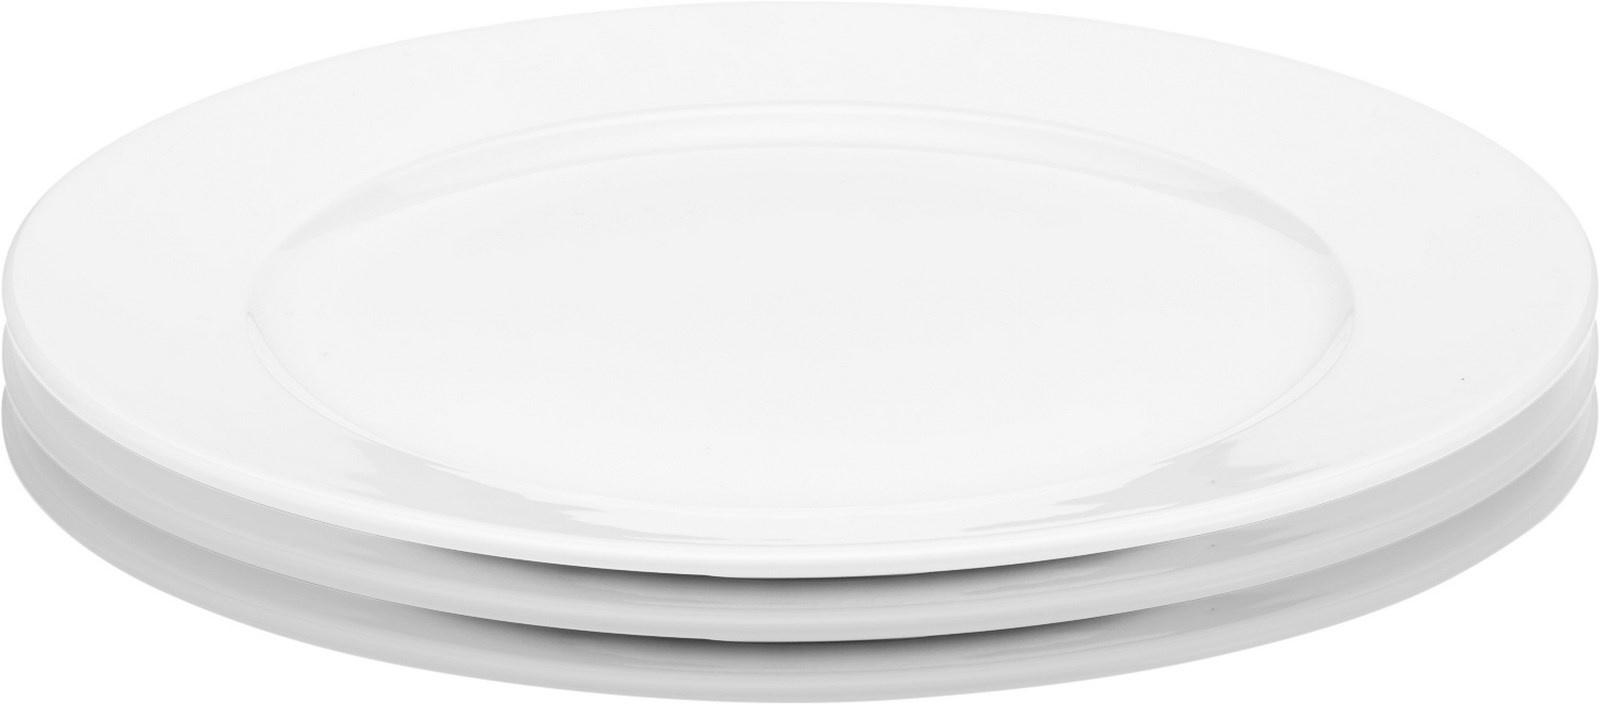 Pillivuyt Sancerre frokosttallerken, Ø22 cm, 3 stk